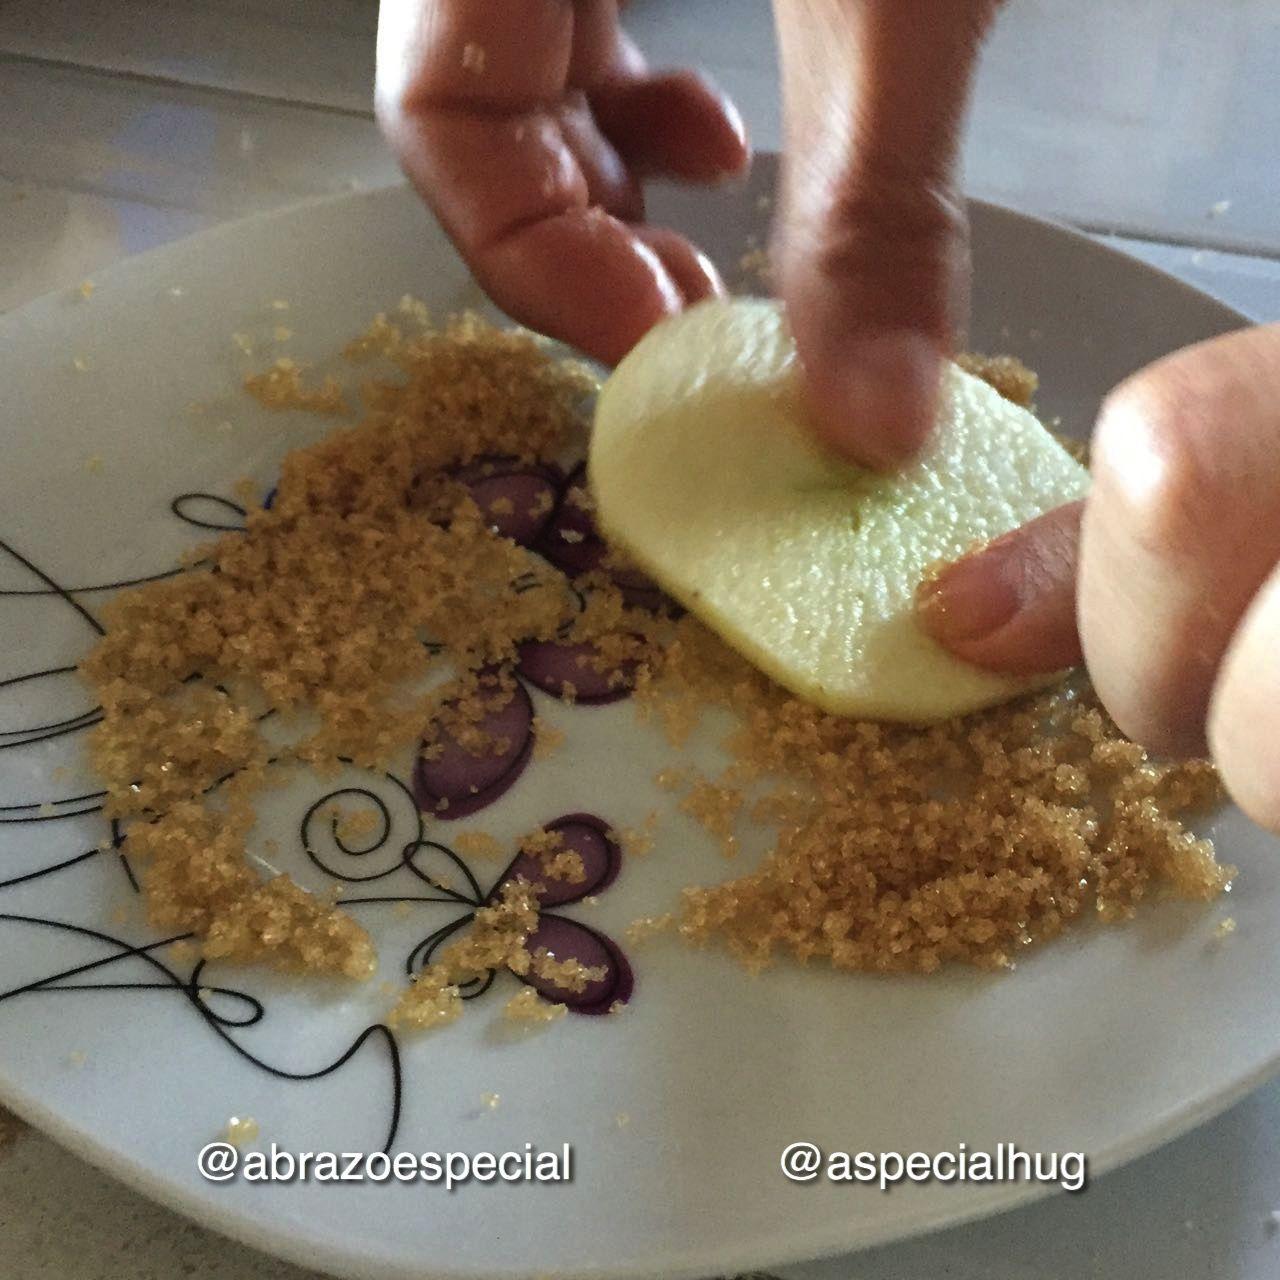 Galletas de almendra con manzana un postre #paleo sin gluten (sin cereal) ni lácteos.